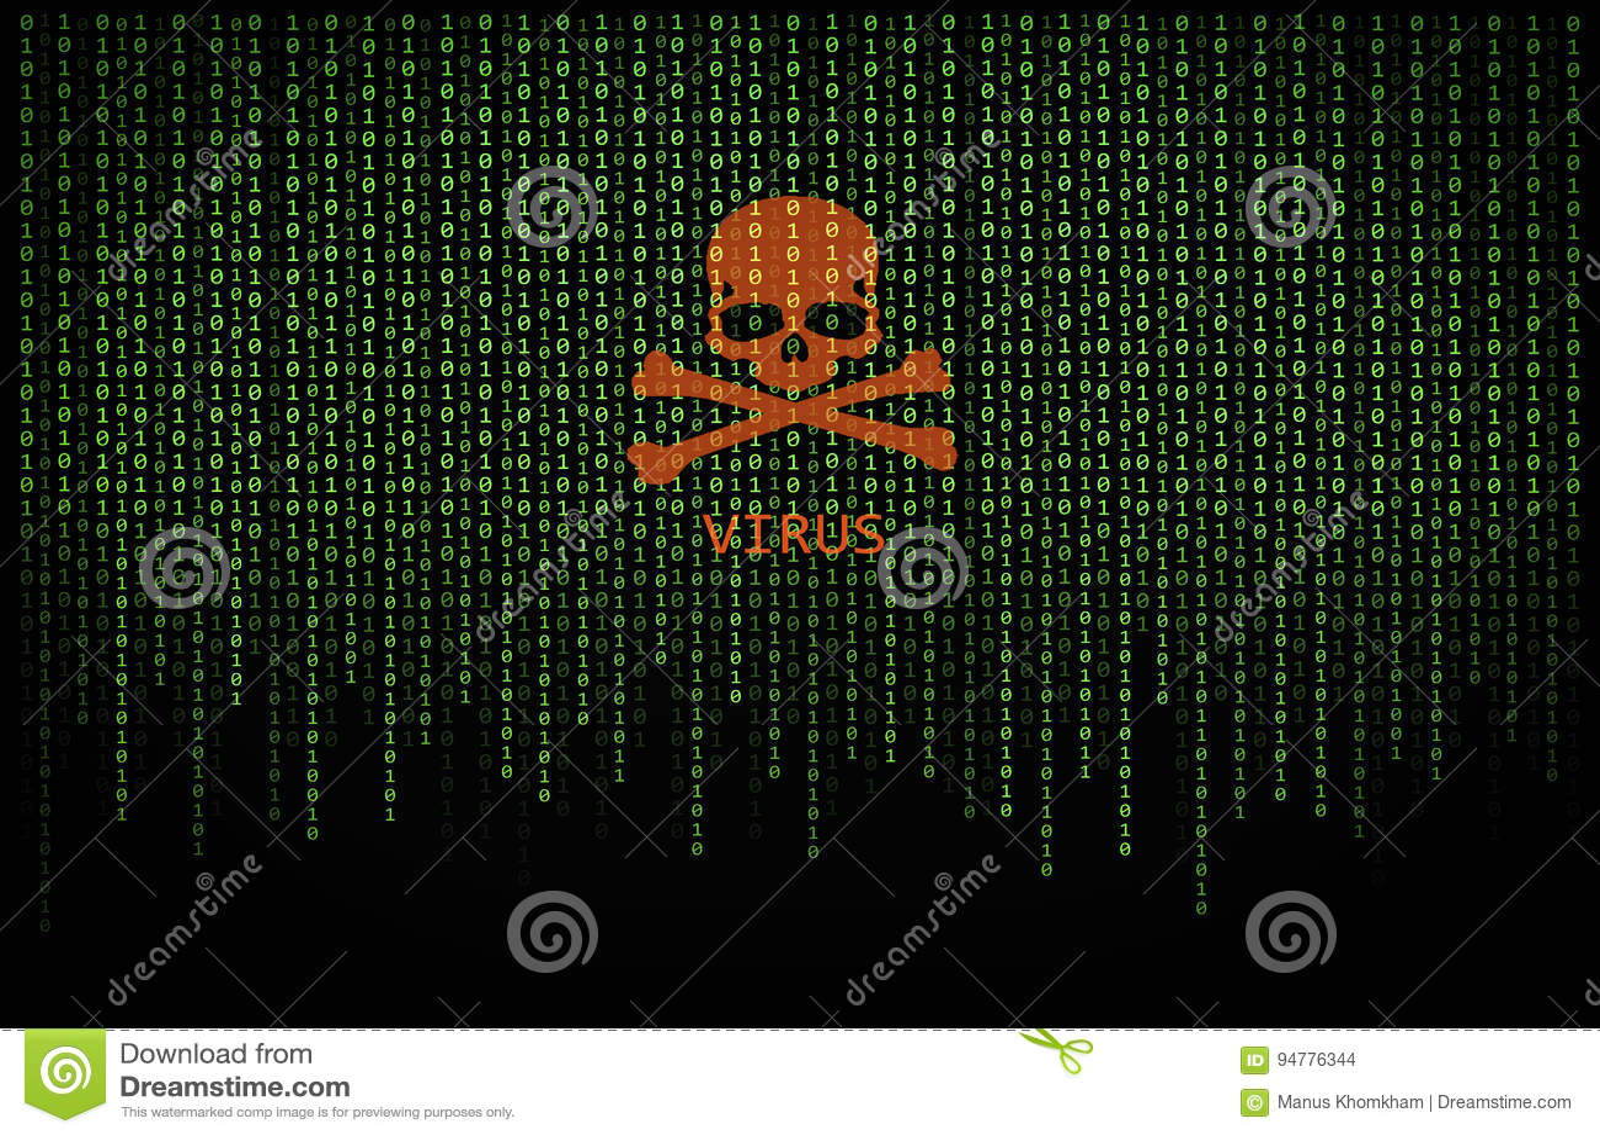 Красный вирус черепа на компьютерном коде двоичной вычислительной машины